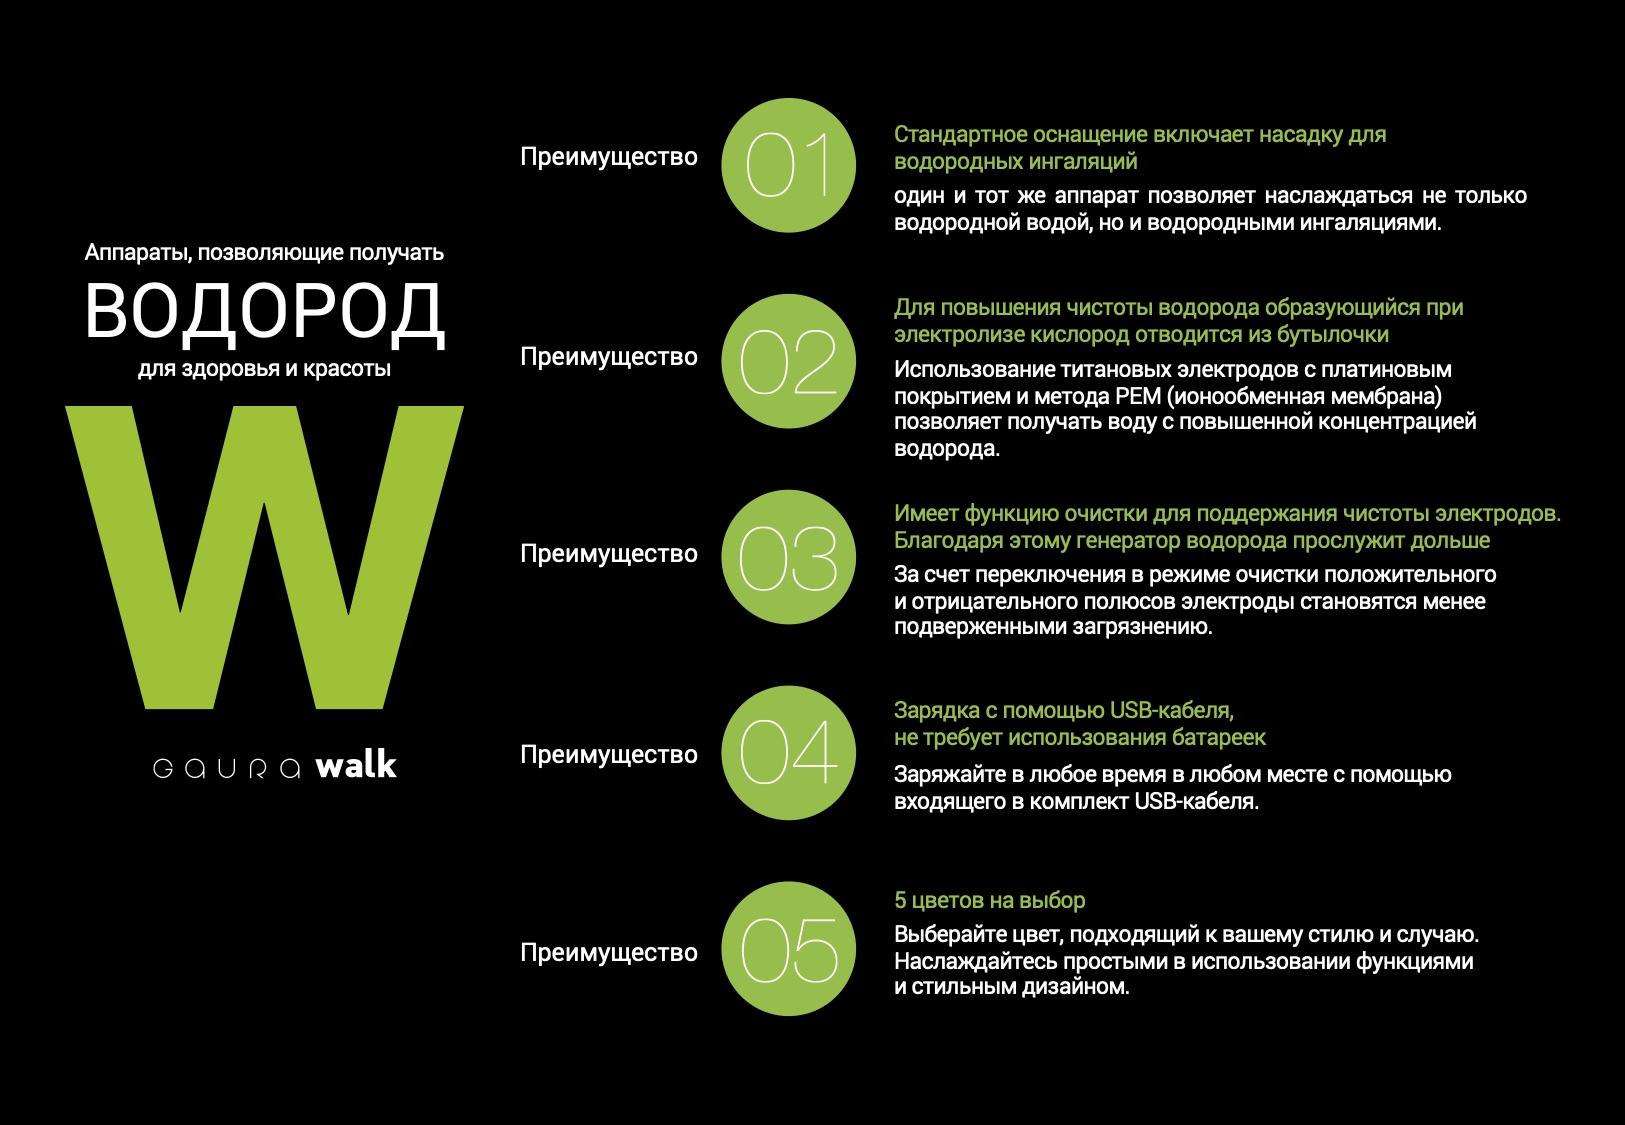 преимущества портативного генератора водородной воды GAURA walk